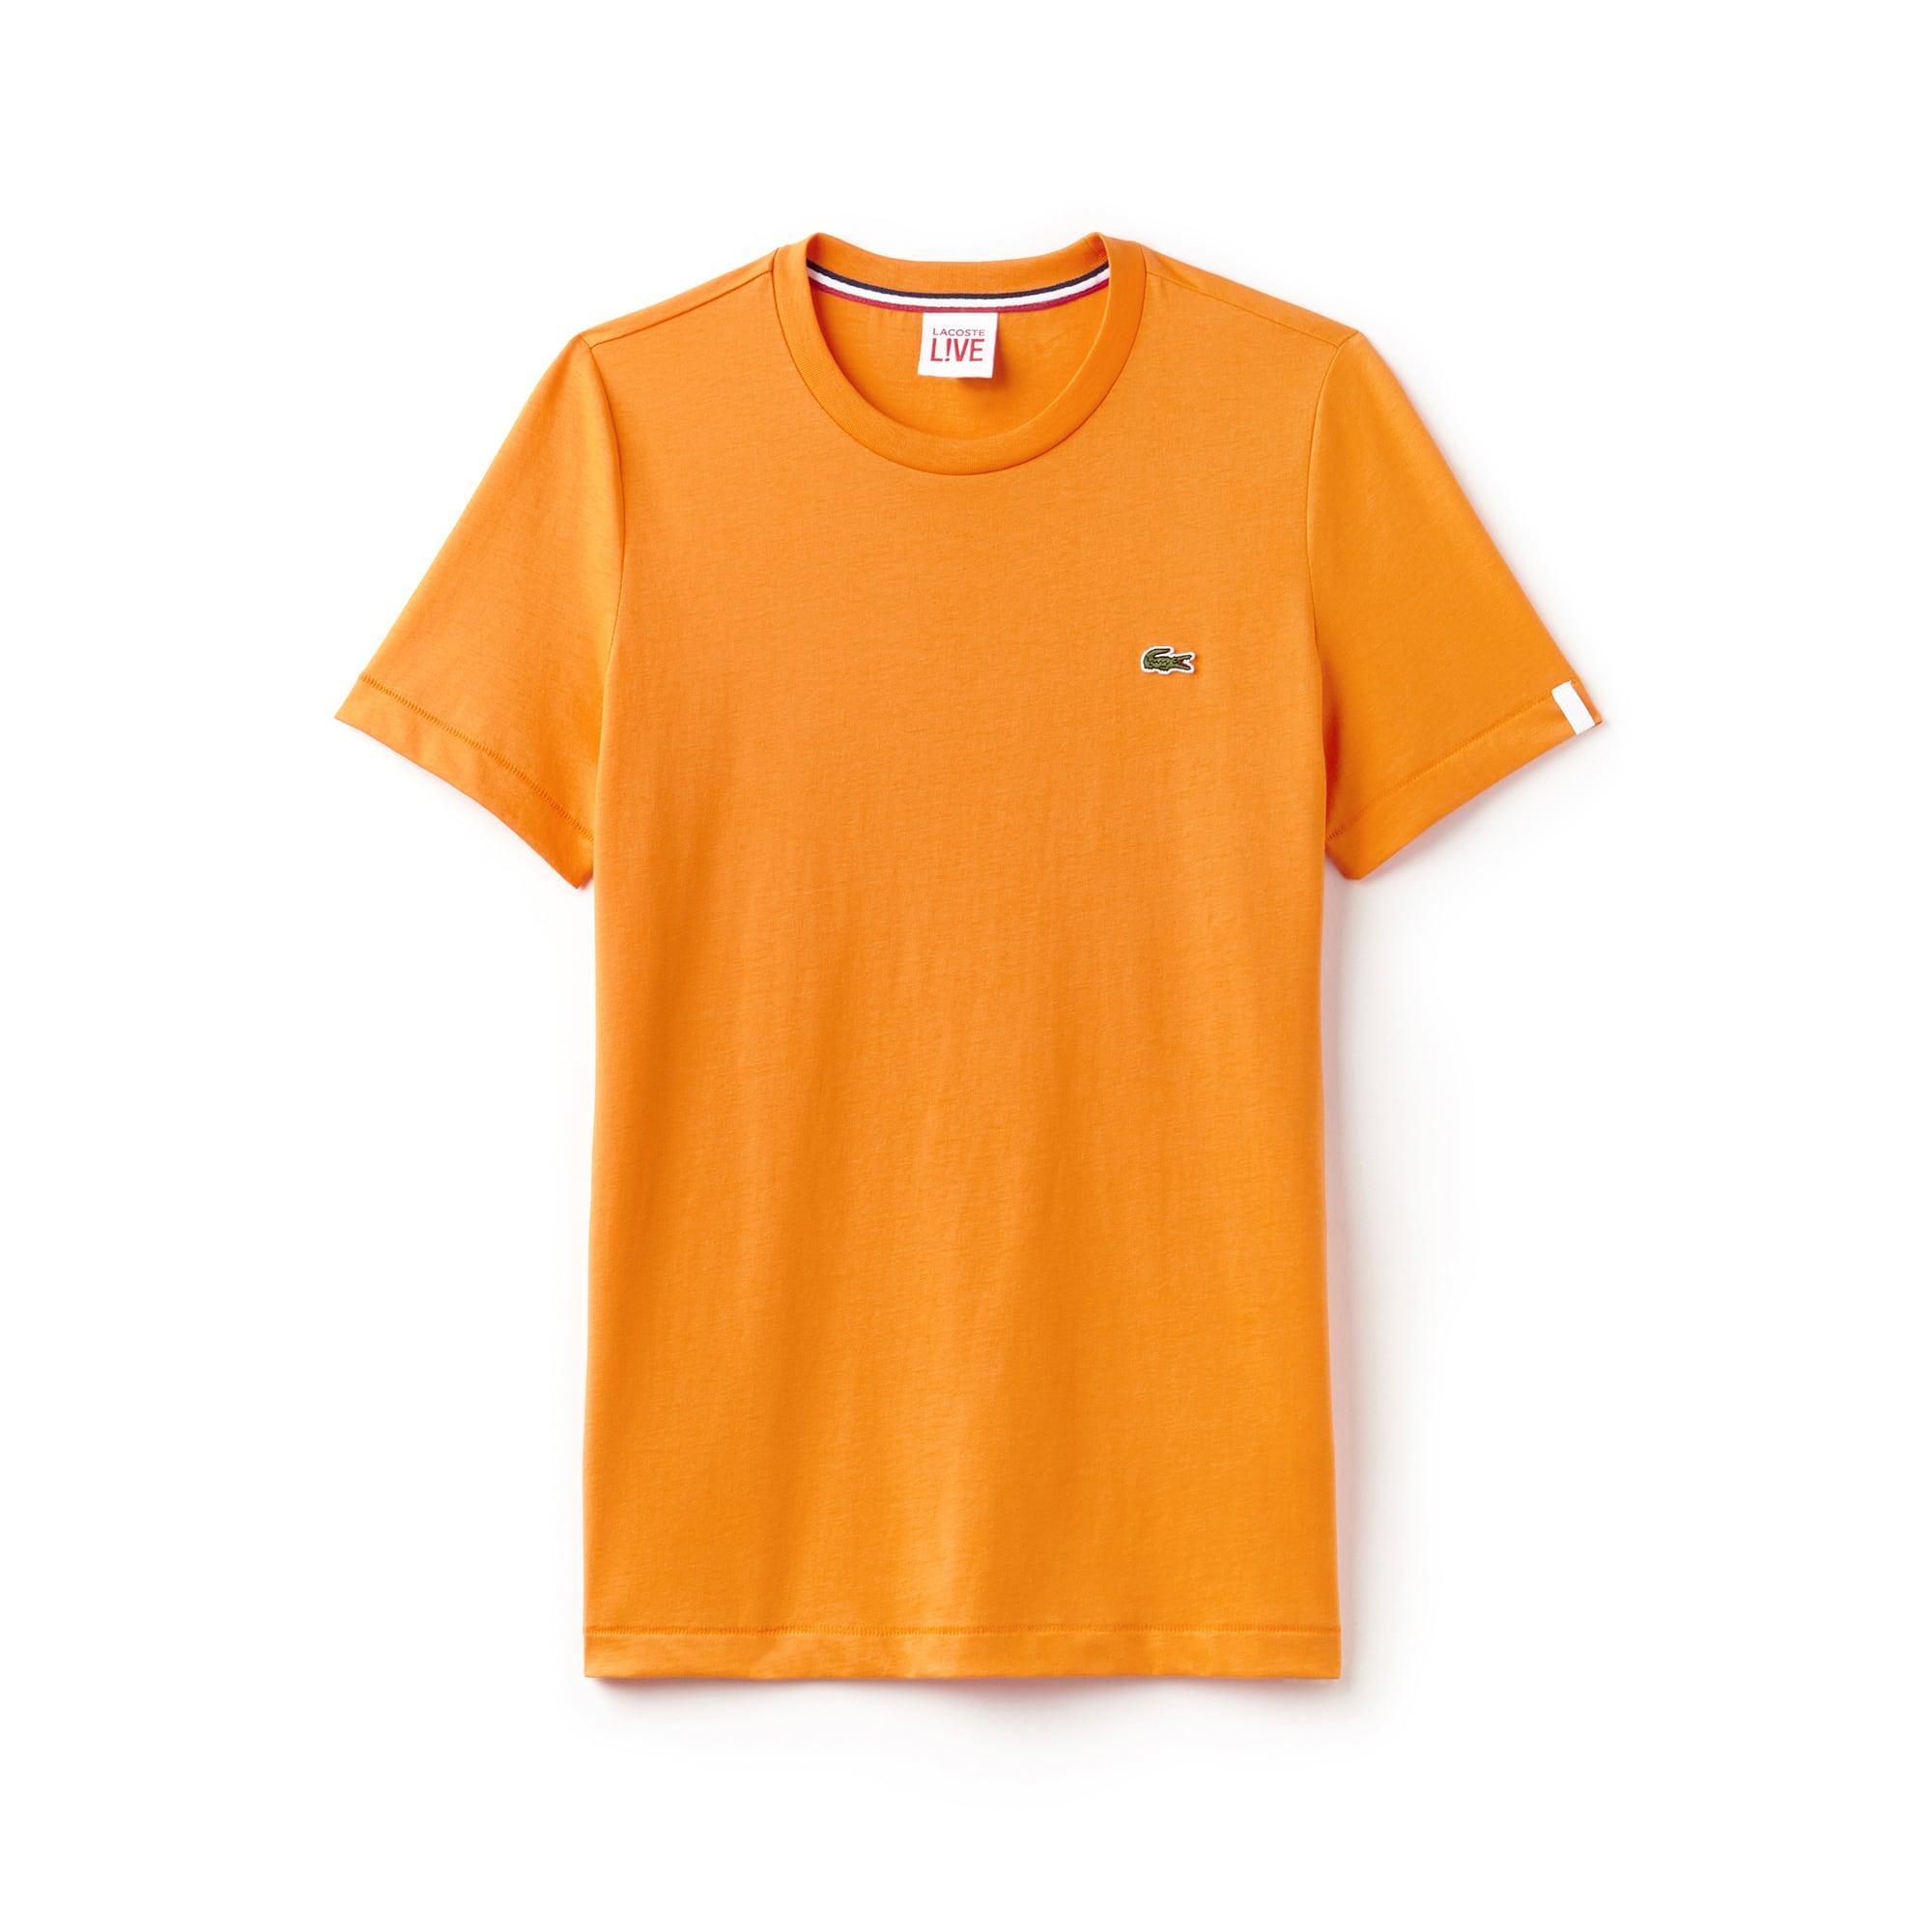 (남녀공용) 라이브 U넥 반팔 티셔츠